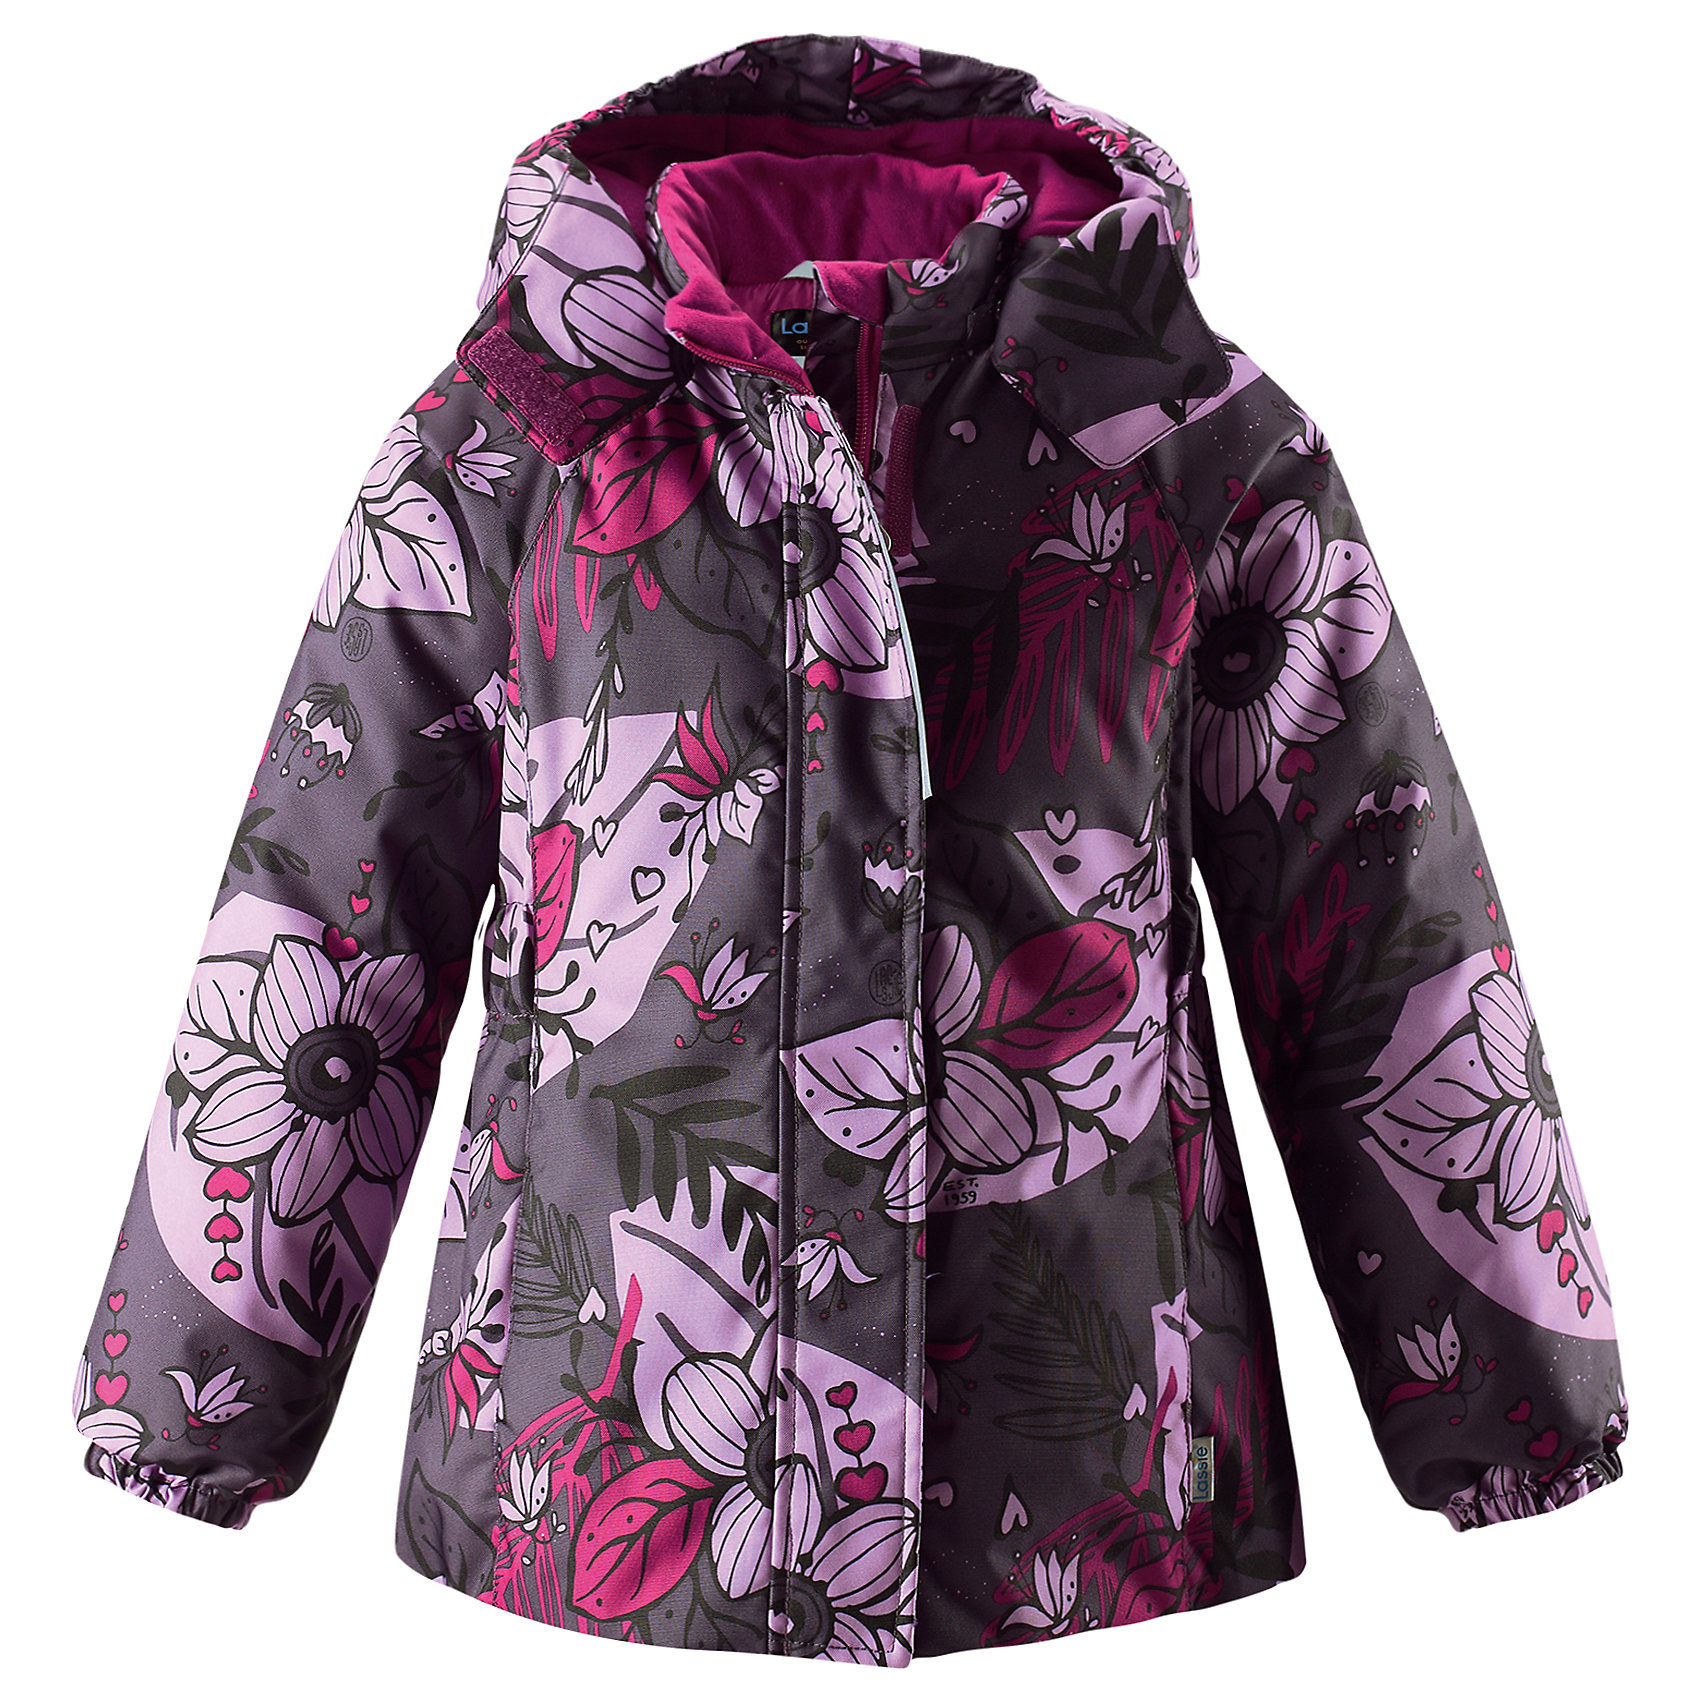 Куртка Lassie для девочкиОдежда<br>Характеристики товара:<br><br>• цвет: фиолетовый;<br>• состав: 100% полиэстер, полиуретановое покрытие;<br>• подкладка: 100% полиэстер;<br>• утеплитель: 180 г/м2;<br>• сезон: зима;<br>• температурный режим: от 0 до -20С;<br>• водонепроницаемость: 1000 мм;<br>• воздухопроницаемость: 1000 мм;<br>• износостойкость: 50000 циклов (тест Мартиндейла);<br>• застежка: молния с дополнительной защитной планкой;<br>• водоотталкивающий, ветронепроницаемый и дышащий материал;<br>• гладкая подкладка из полиэстера;<br>• безопасный съемный капюшон; <br>• эластичные манжеты рукавов; <br>• эластичная кромка подола;<br>• карманы в боковых швах;<br>• светоотражающие детали;<br>• страна бренда: Финляндия;<br>• страна изготовитель: Китай;<br><br>Зимняя куртка для девочек с цветочным рисунком. Куртка изготовлена из ветронепроницаемого, дышащего материала с верхним водо- и грязеотталкивающим слоем, поэтому вашему ребенку будет тепло и удобно во время веселых зимних прогулок. Эта куртка с подкладкой из гладкого полиэстера легко надевается, и ее очень удобно носить с теплым промежуточным слоем. Безопасный, отстегивающийся капюшон защищает от холодного ветра, а также безопасен во время игр на свежем воздухе. Модель для девочек.<br><br><br>Куртку Lassie (Ласси) для девочки можно купить в нашем интернет-магазине.<br><br>Ширина мм: 356<br>Глубина мм: 10<br>Высота мм: 245<br>Вес г: 519<br>Цвет: лиловый<br>Возраст от месяцев: 108<br>Возраст до месяцев: 120<br>Пол: Женский<br>Возраст: Детский<br>Размер: 140,92,98,104,110,116,122,128,134<br>SKU: 6927491